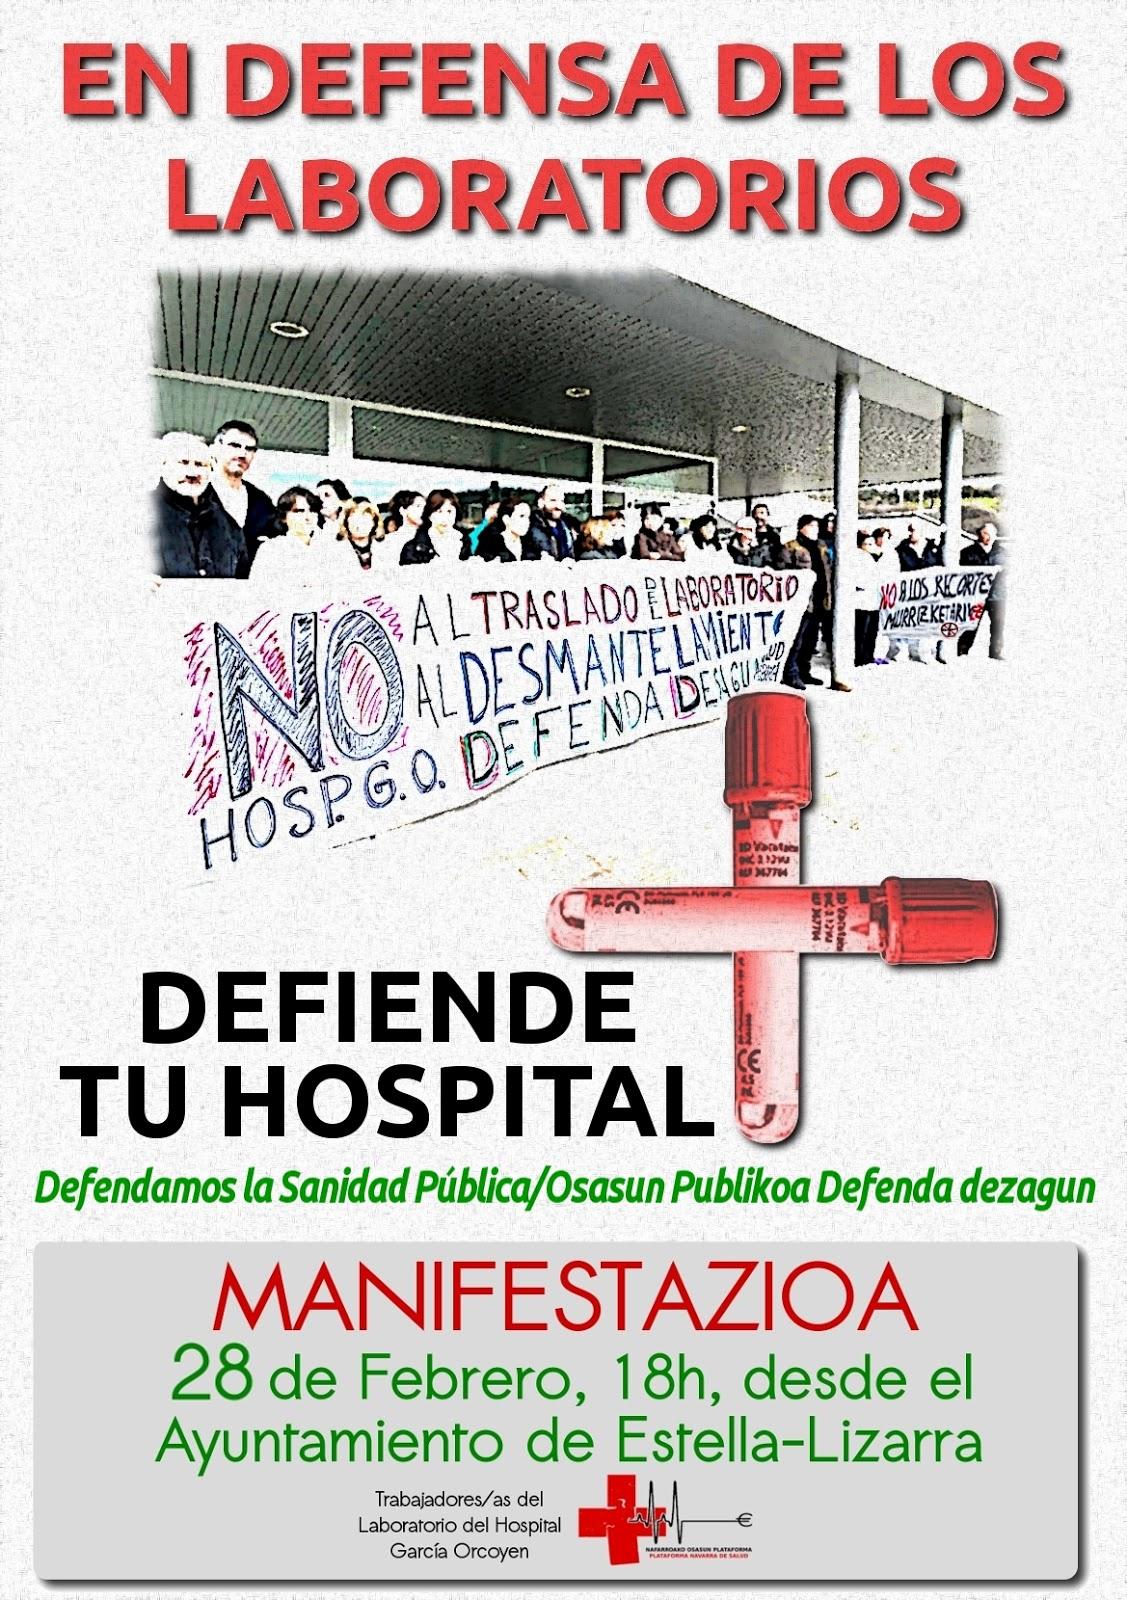 Manifestación en Defensa de los Laboratorios